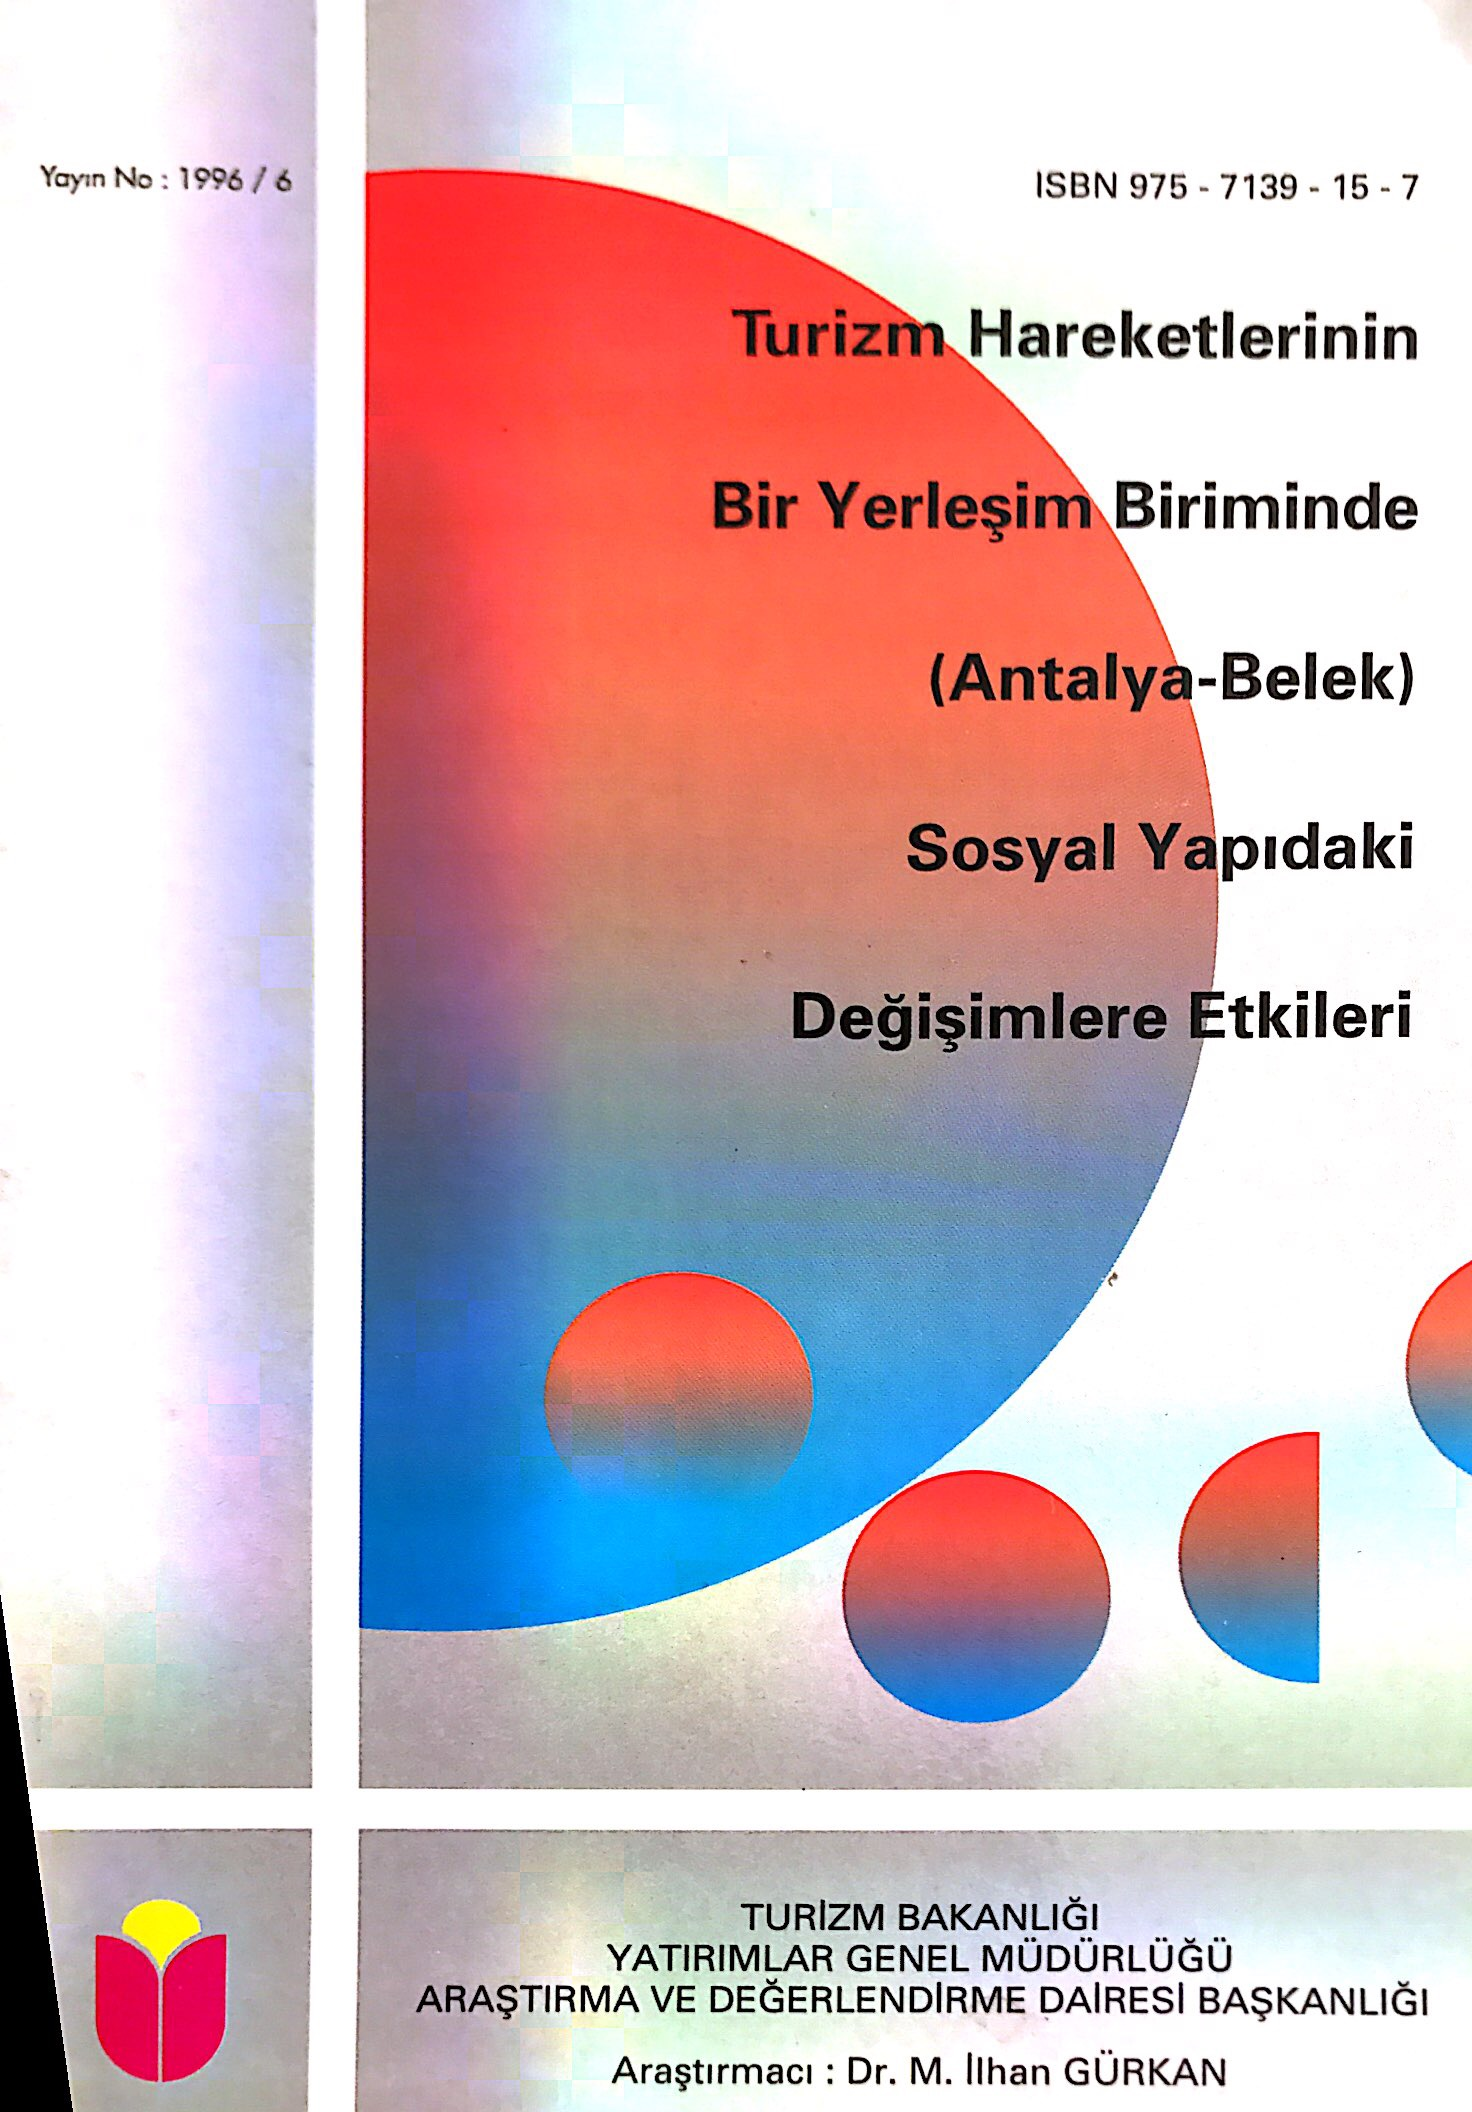 Turizm Hareketlerinin Bir Yerleşim Biriminde (Antalya-Belek) Sosyal Yapıdaki Değişimlere Etkisi Kitap Kapağı